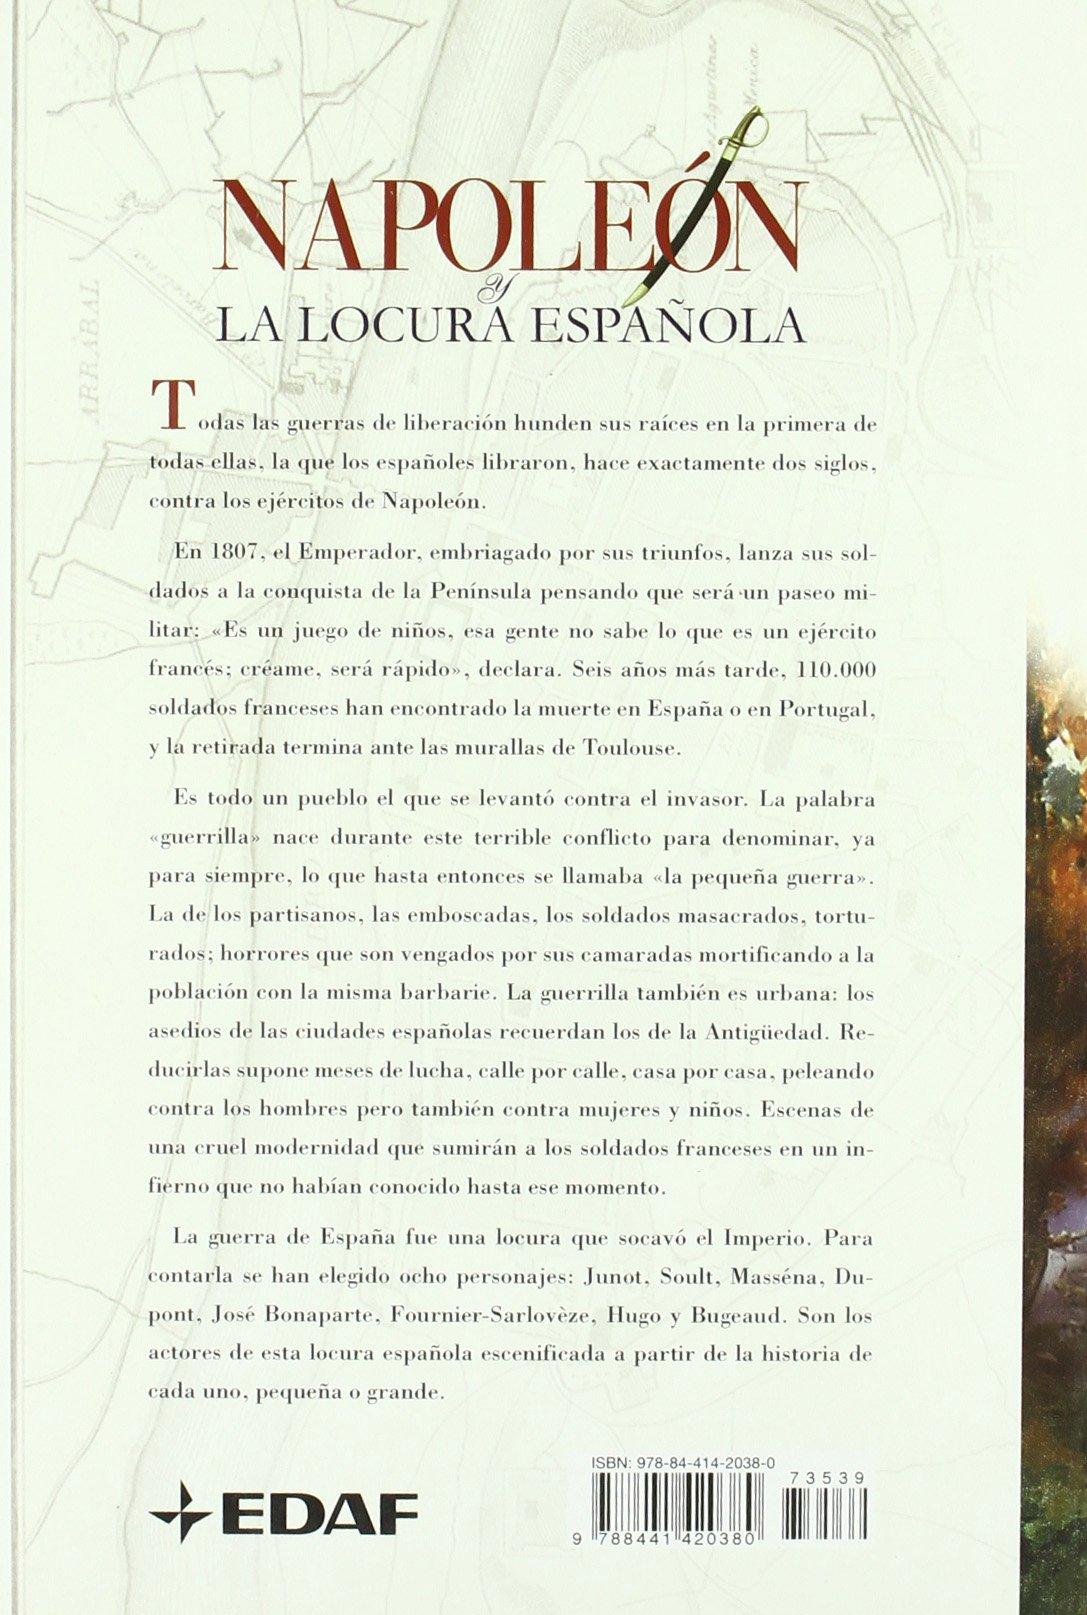 Napoleon Y La Locura Española Clio. Crónicas de la Historia: Amazon.es: Malye, François, Onaindia, Tomás: Libros